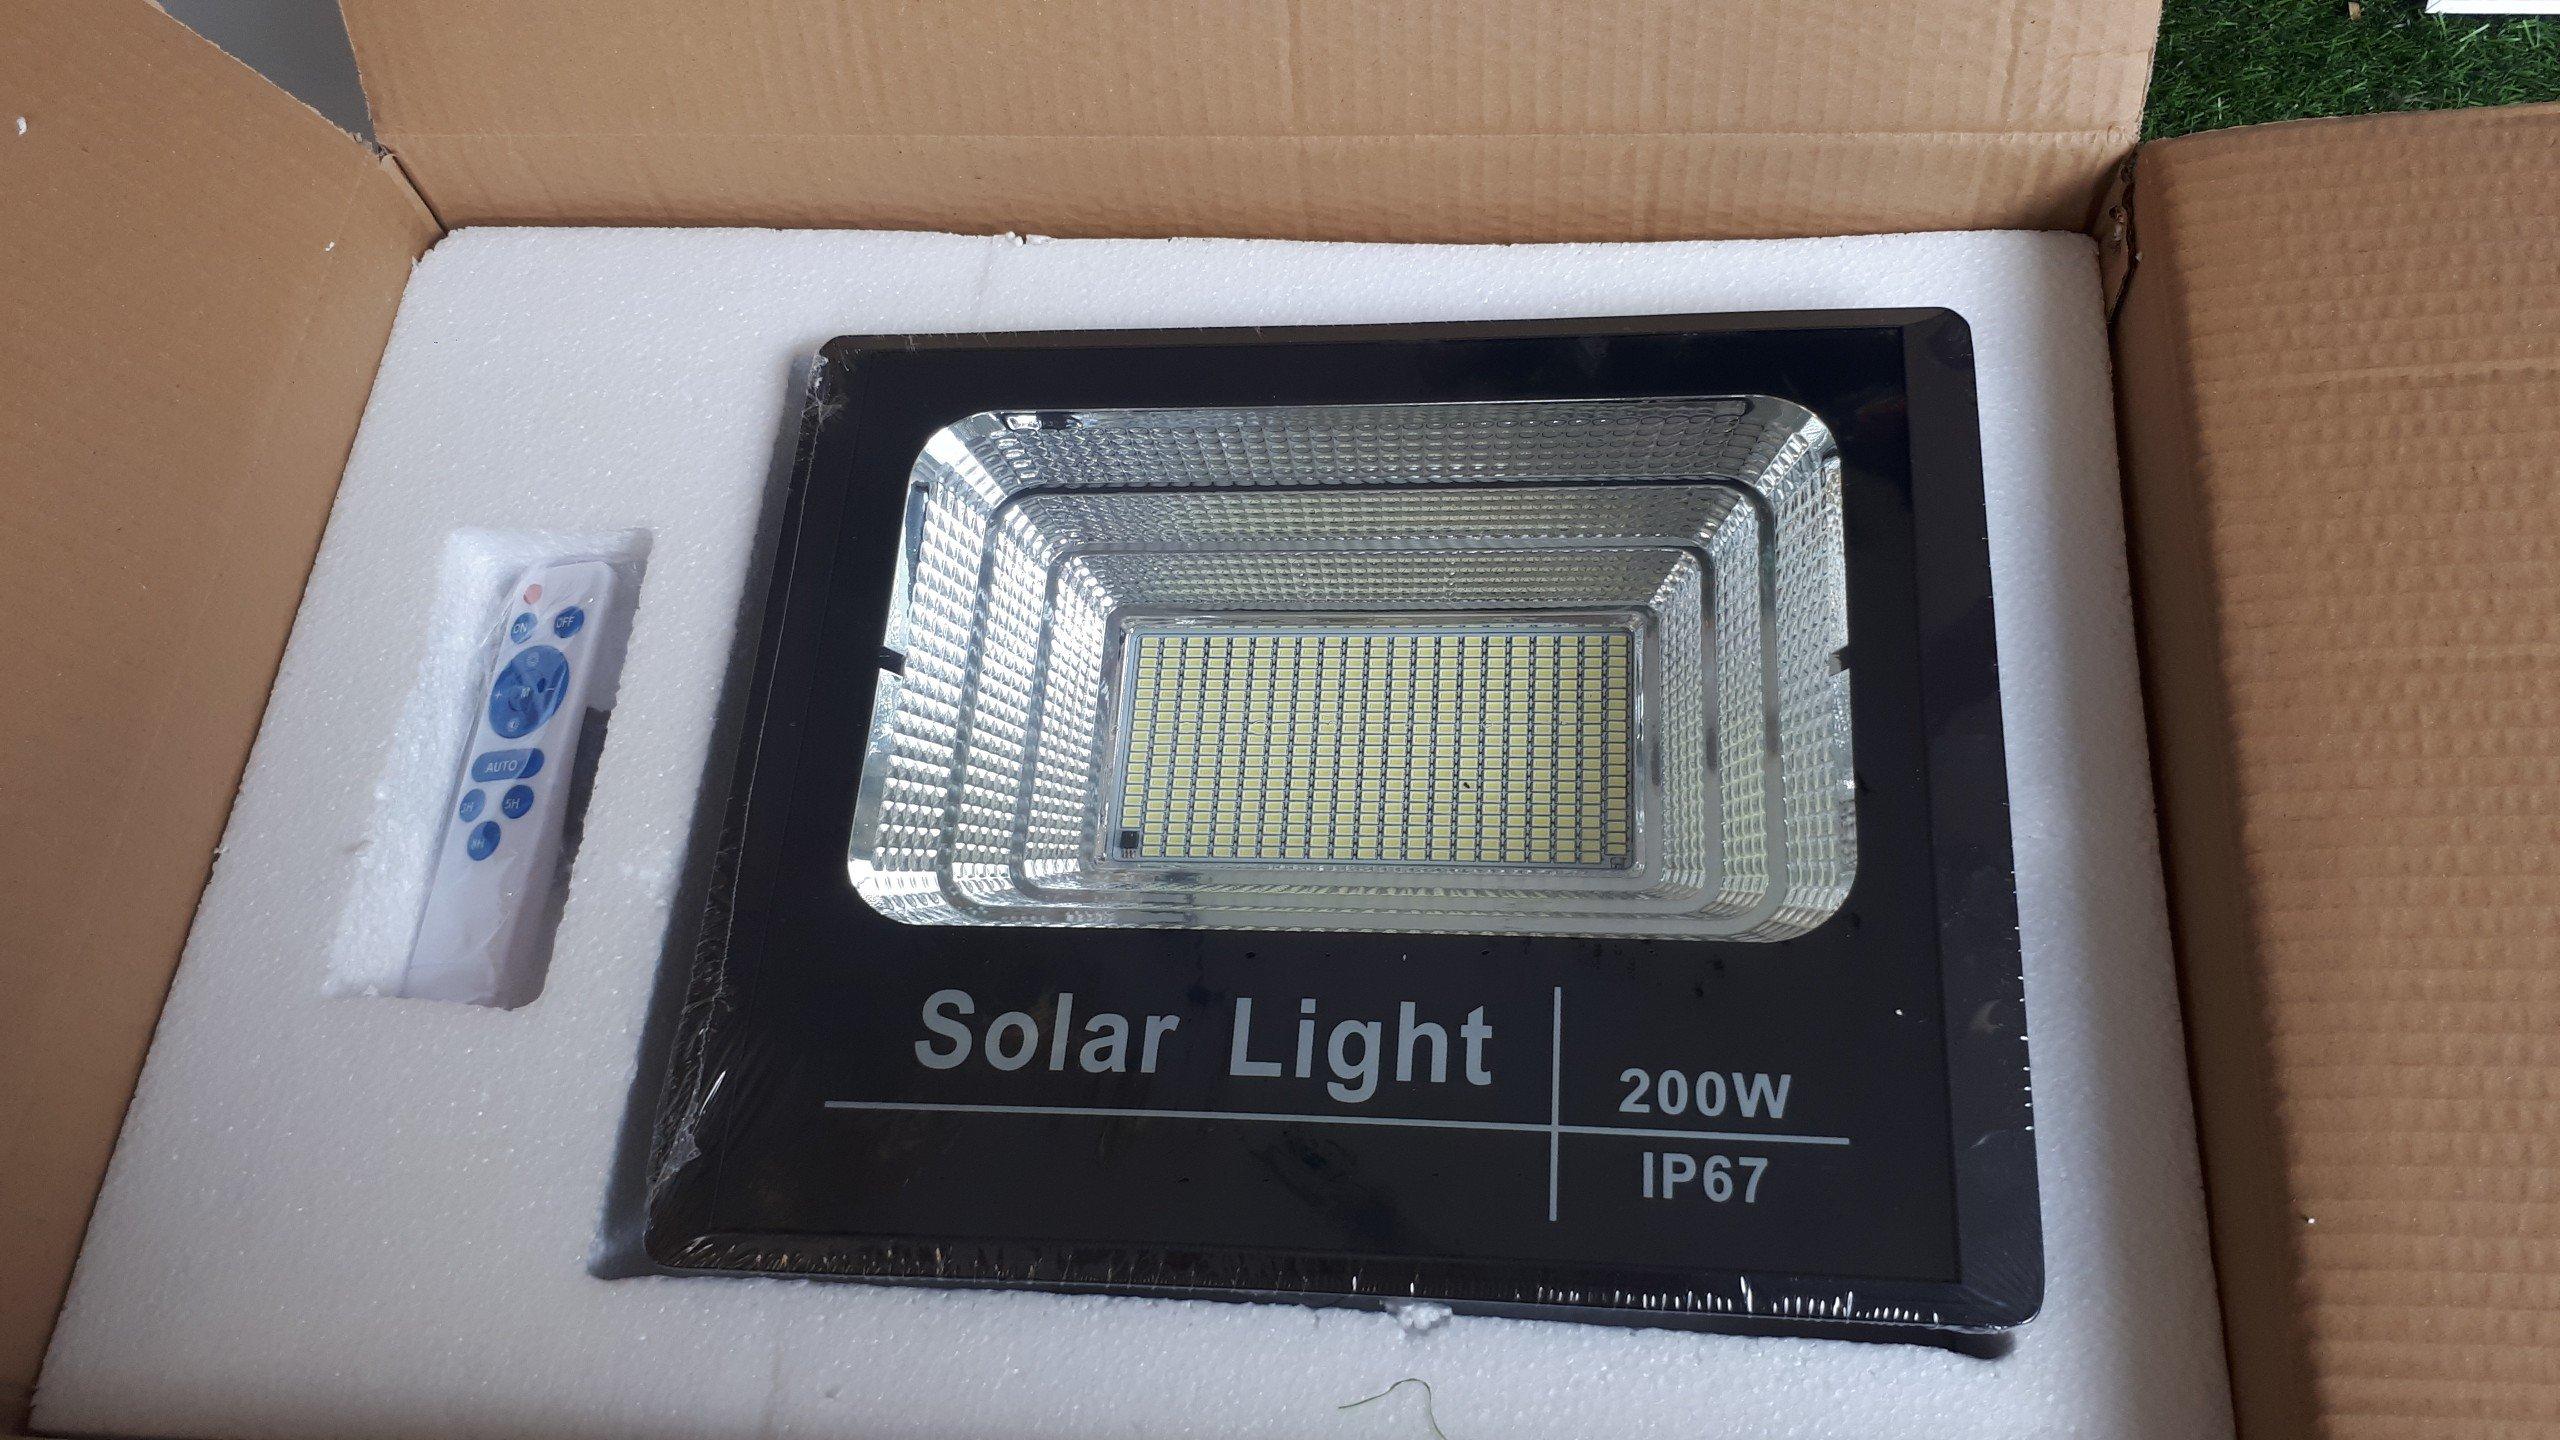 den pha nang luong mat troi 2002 1 - Đèn pha năng lượng mặt trời 200W